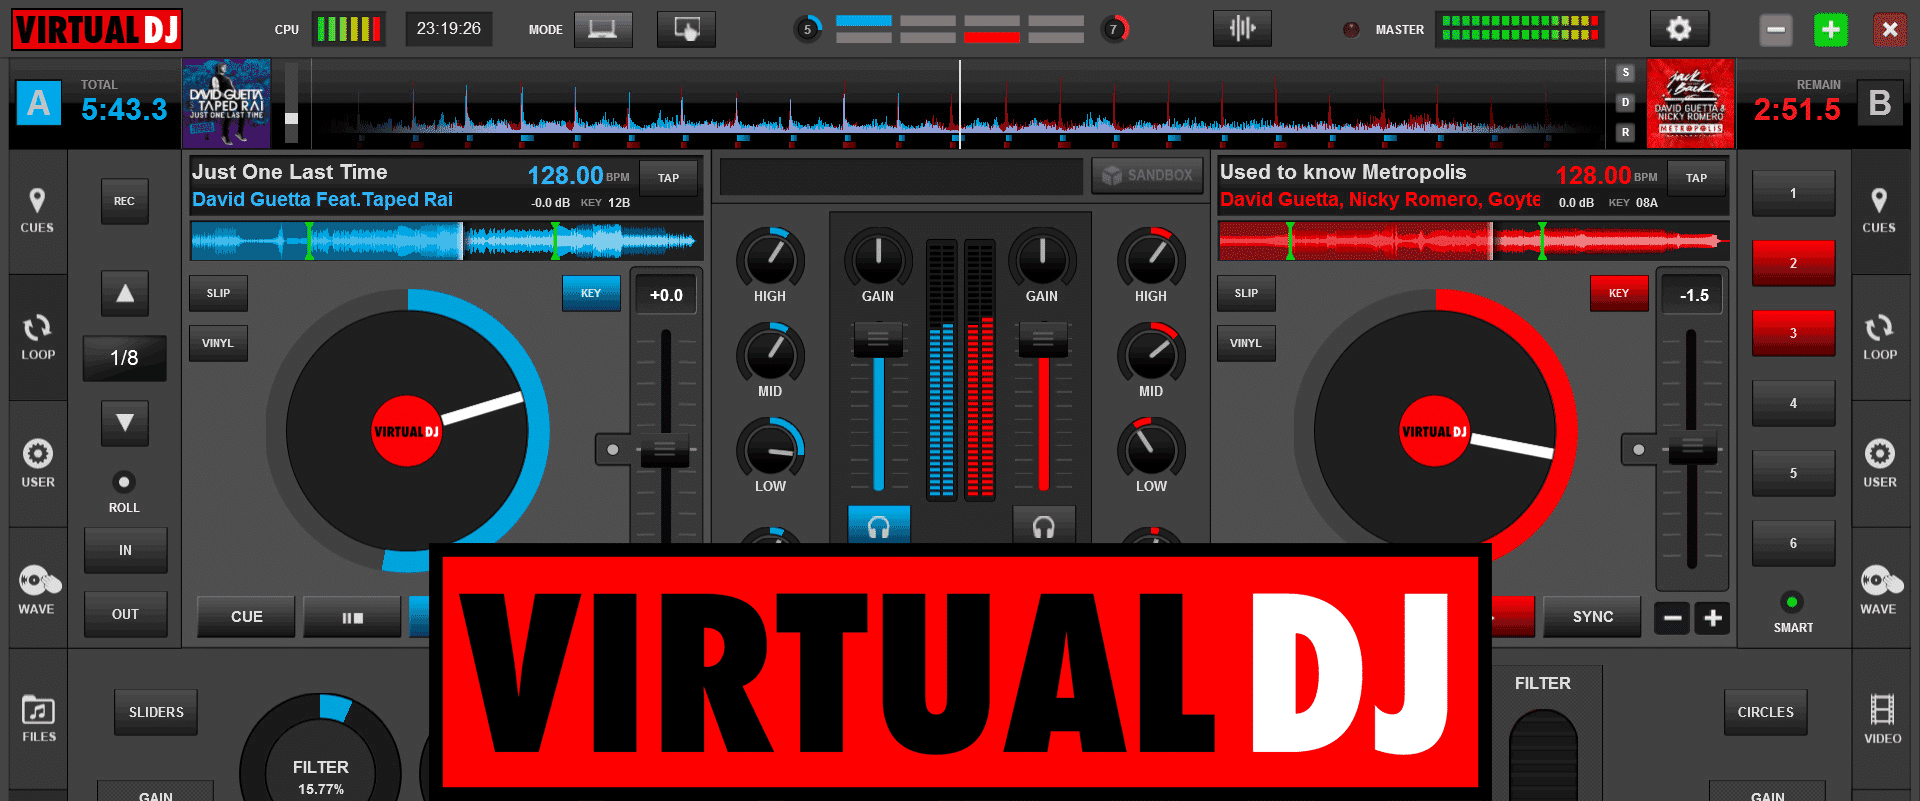 VirtualDJ 9 B6255 Crack Full Version 2021 Free Download